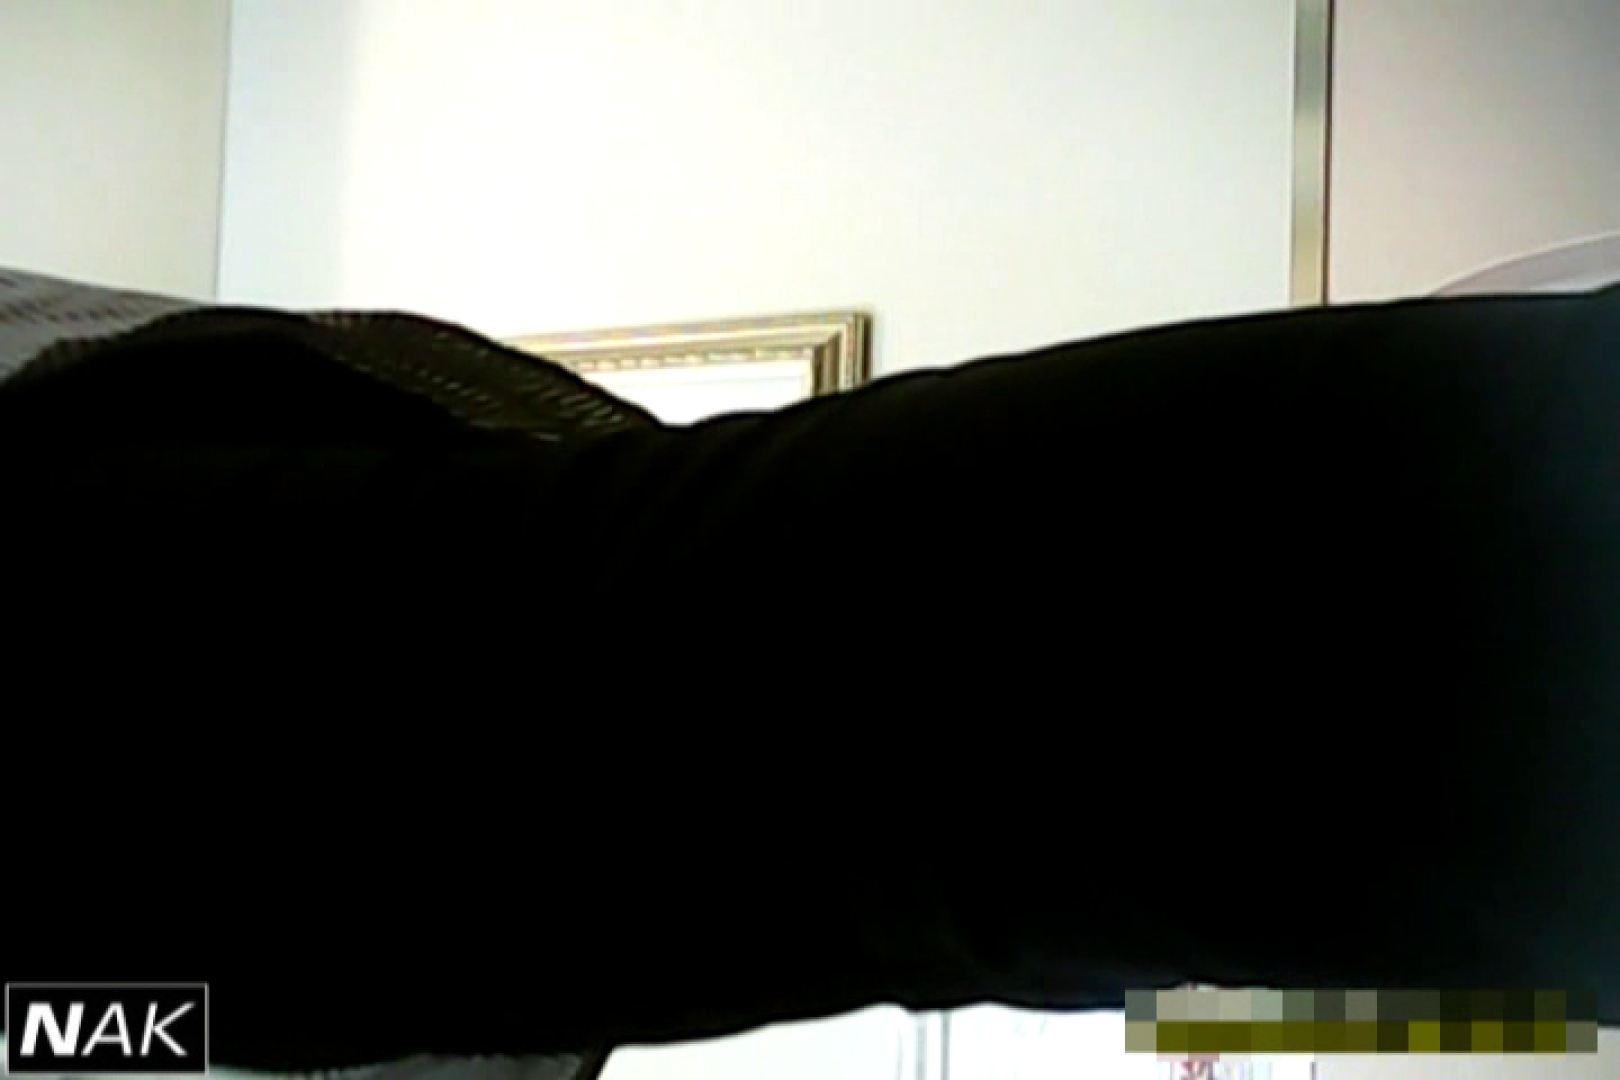 超高画質5000K!脅威の2点かわや! vol.01 盗撮師作品 エロ無料画像 84pic 81